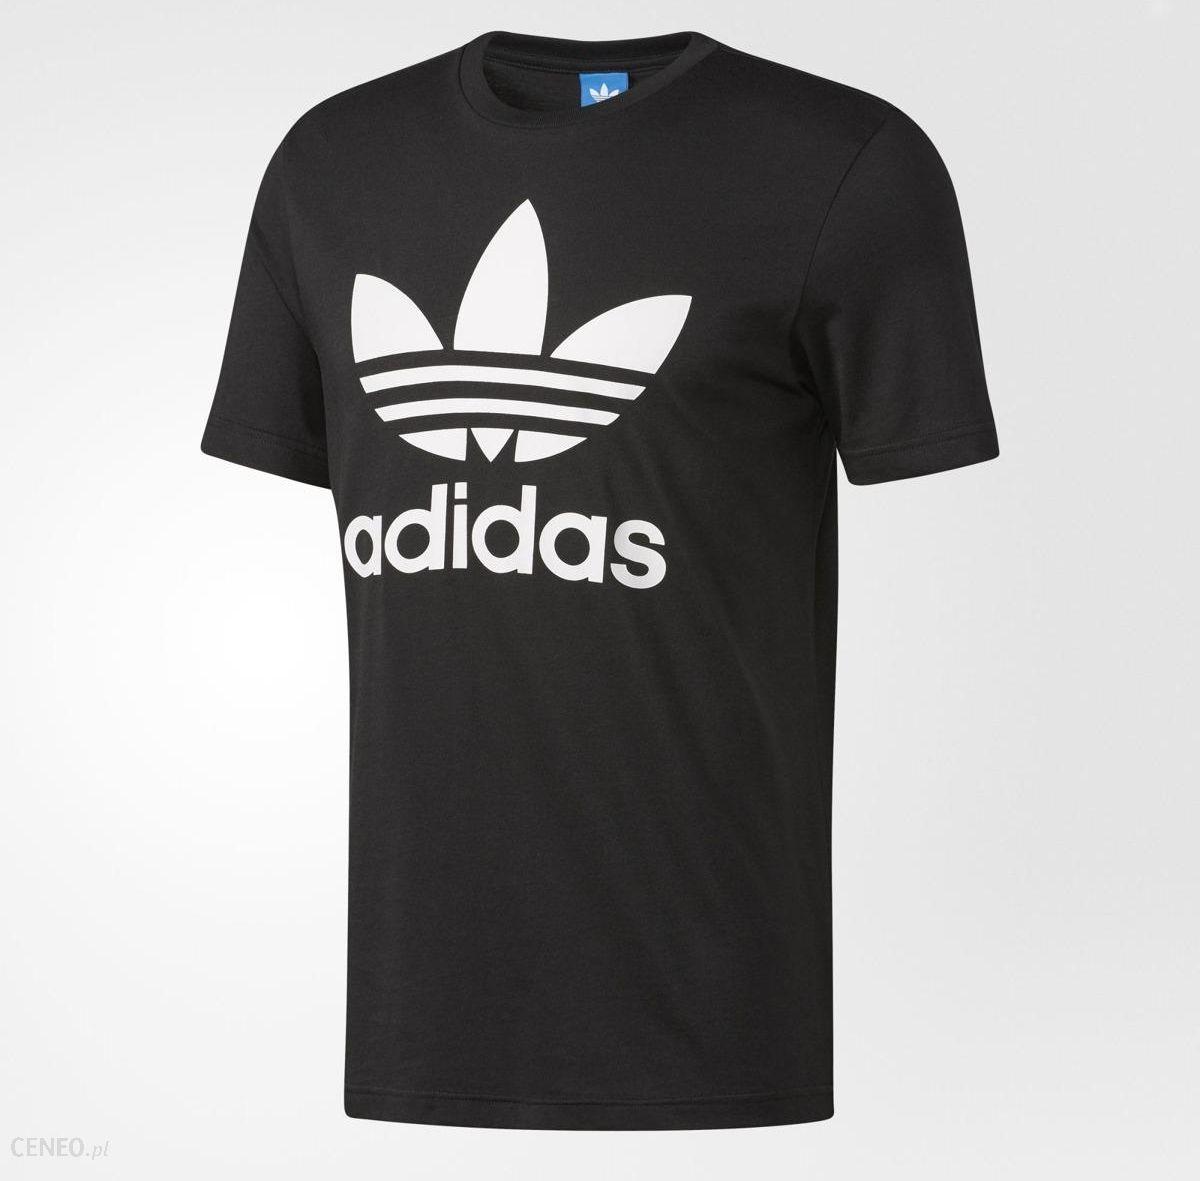 Koszulka Adidas Originals Trefoil AJ8830